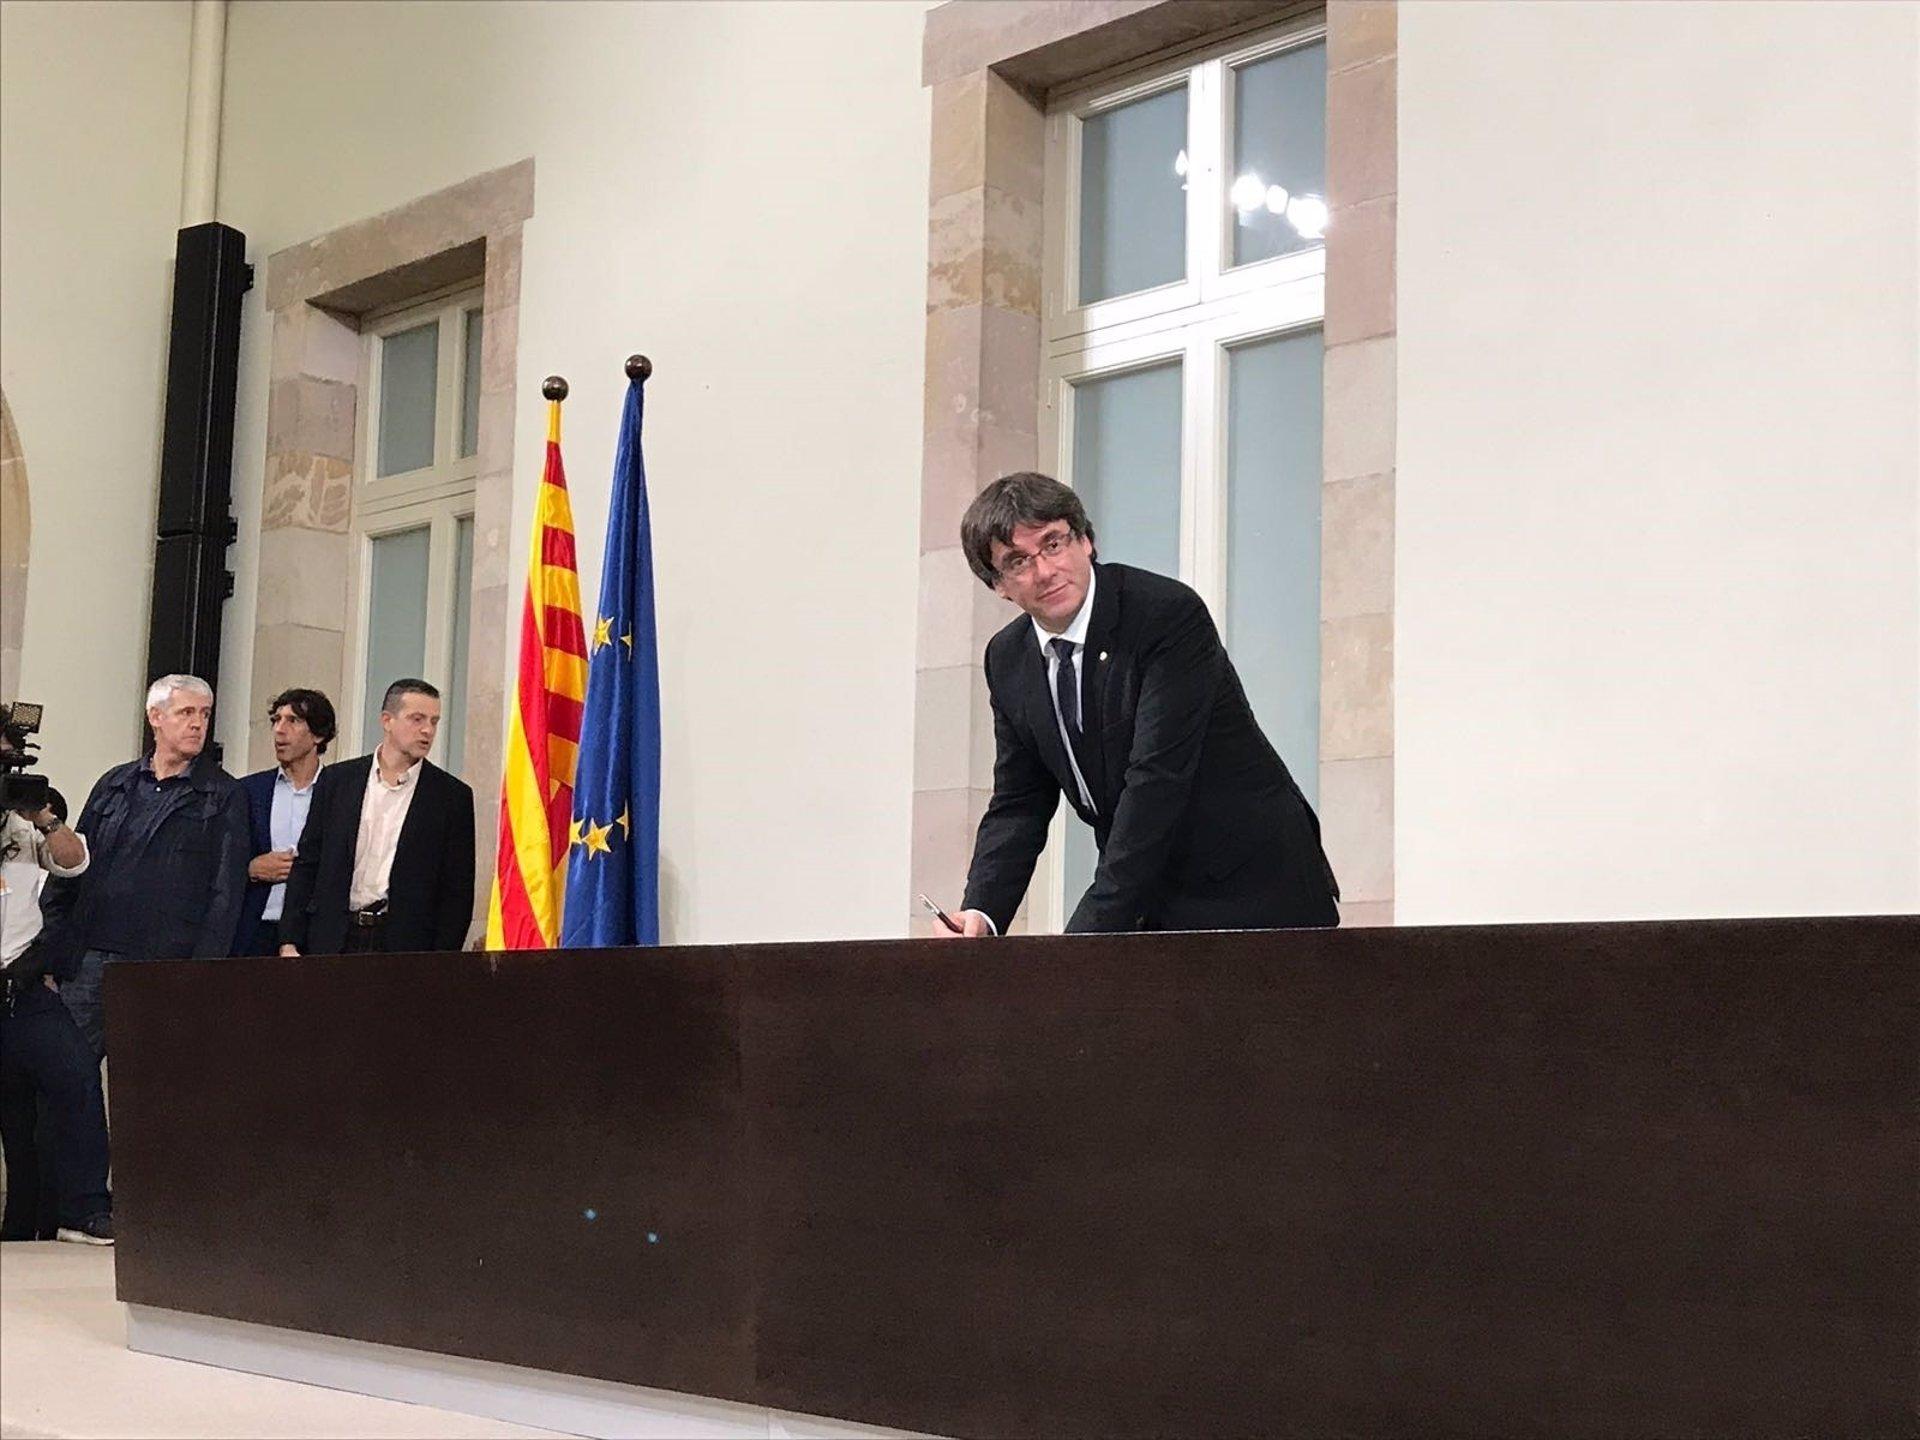 Costa considera una solución 'drástica y excepcional' convocar elecciones en Cataluña y rechaza intervenir TV3